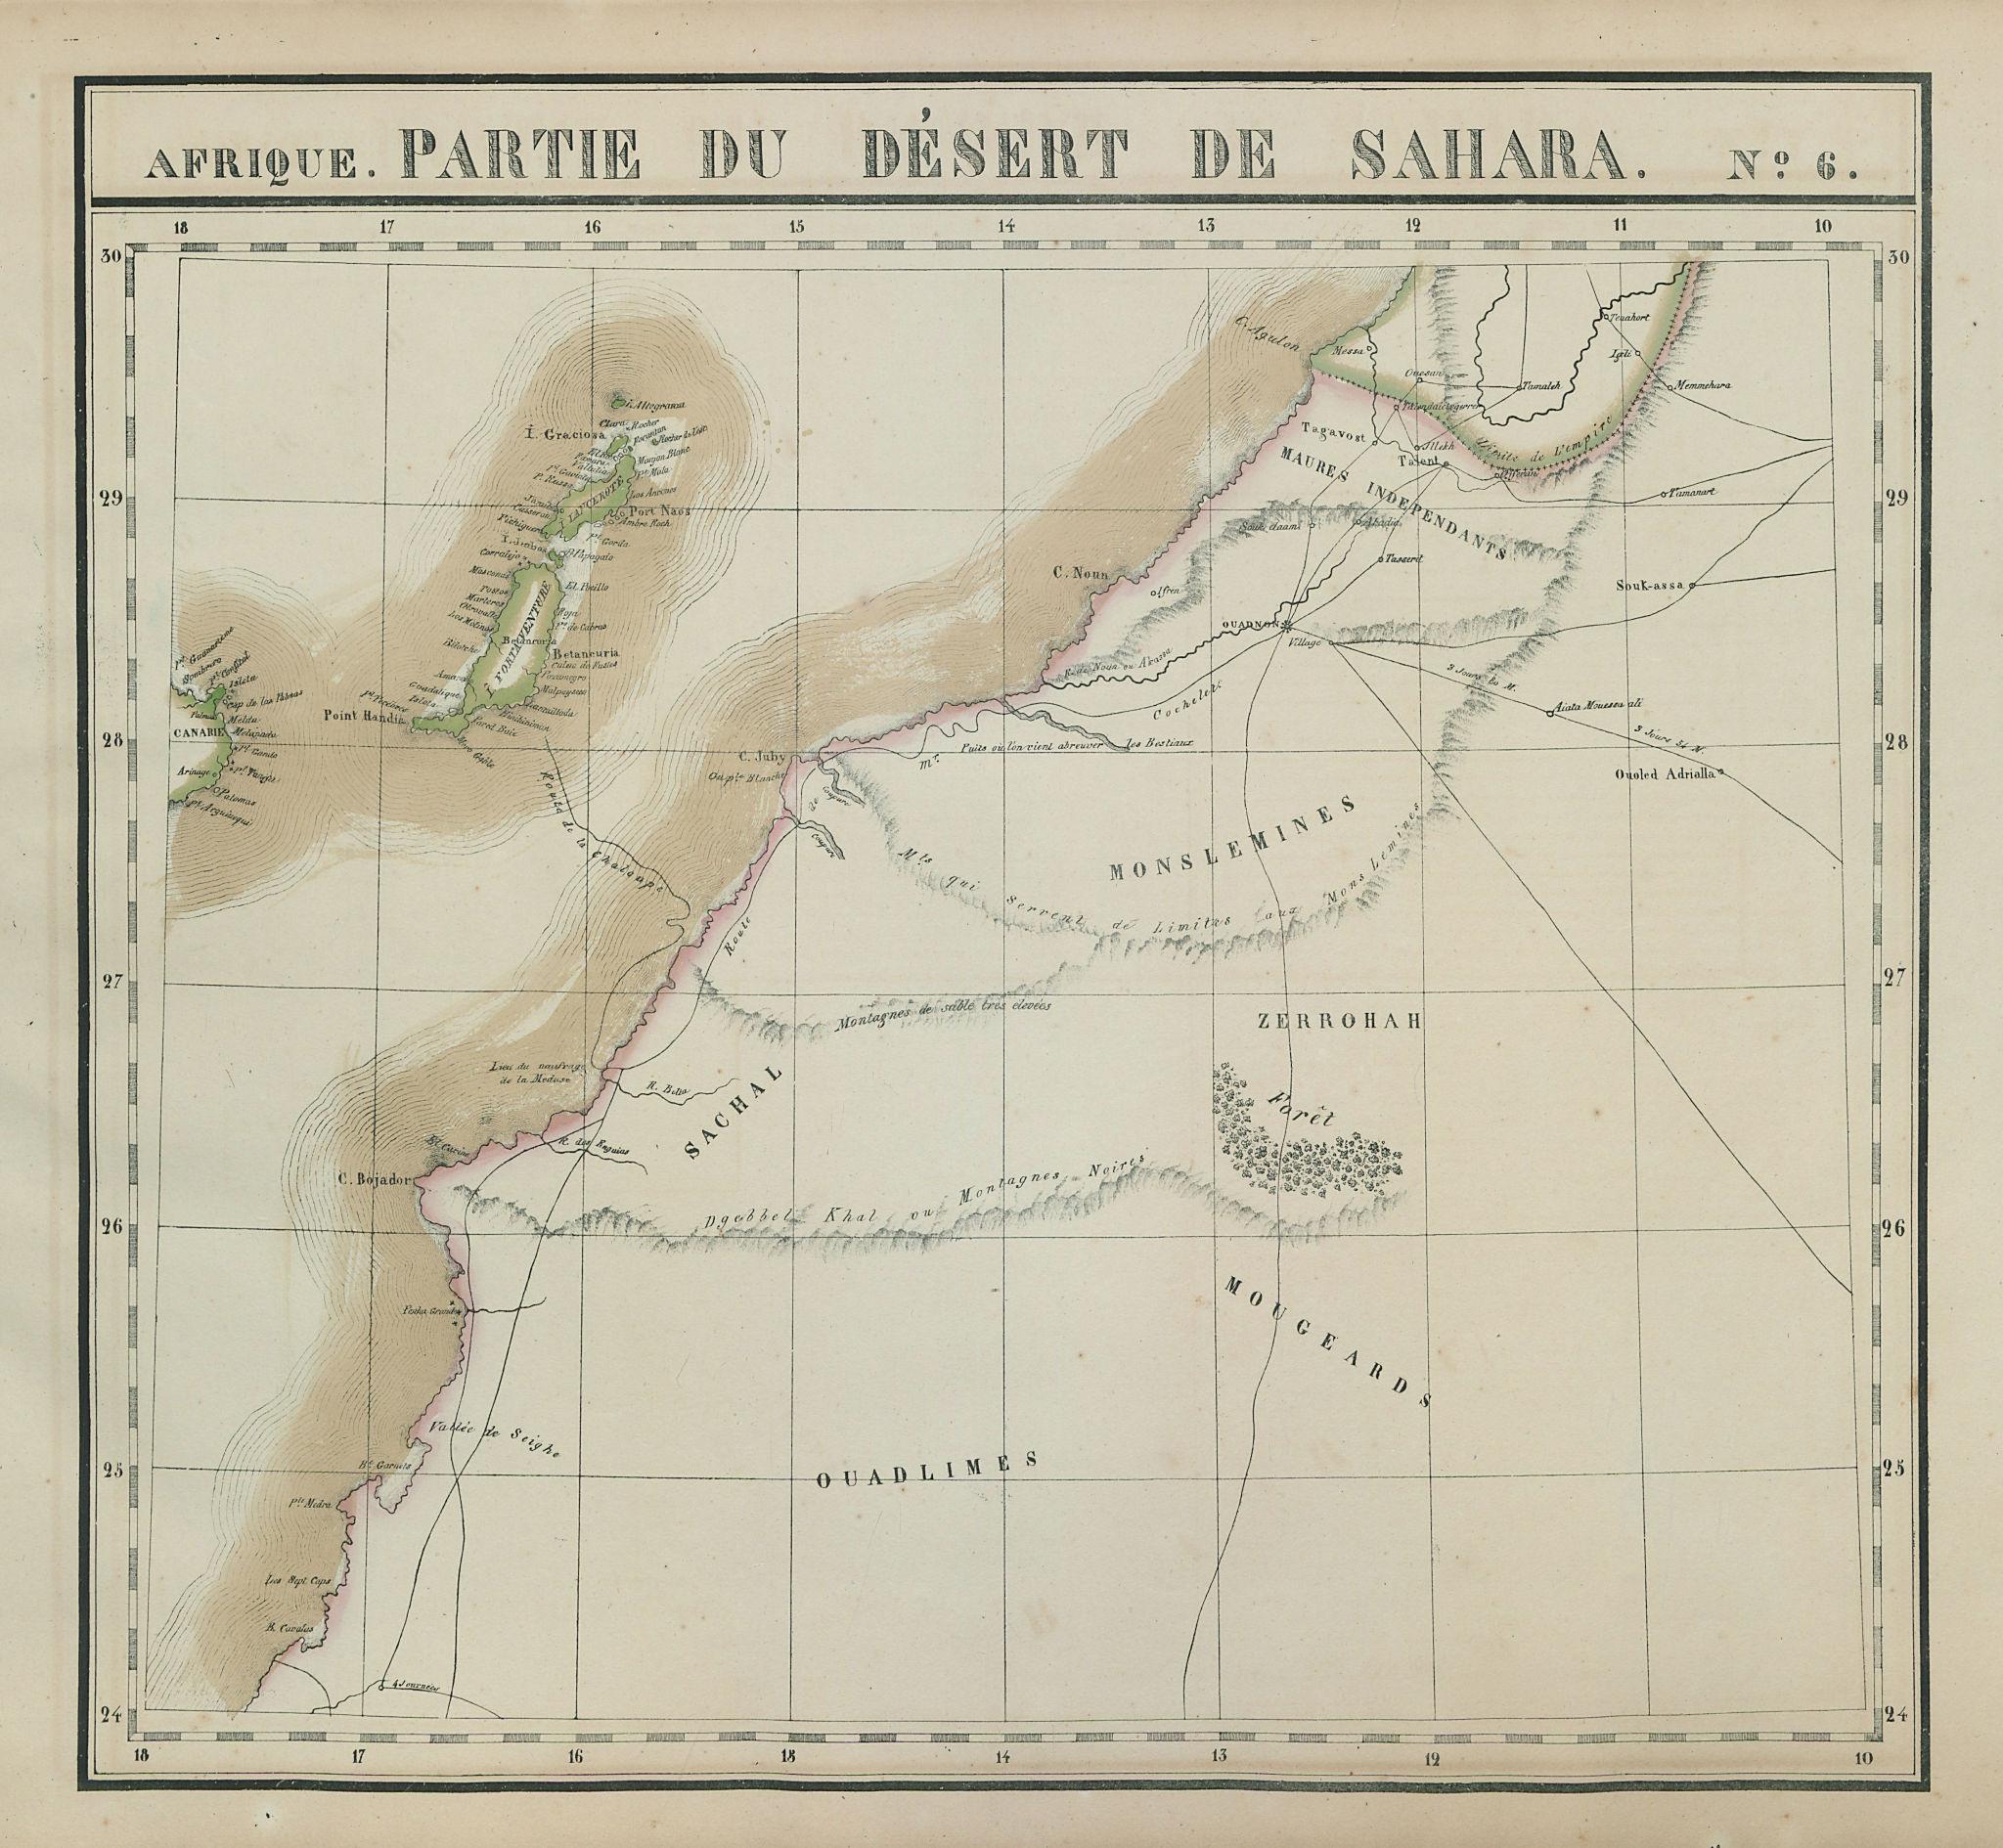 Afrique. Partie du Désert de Sahara #6. Canary Islands. VANDERMAELEN 1827 map